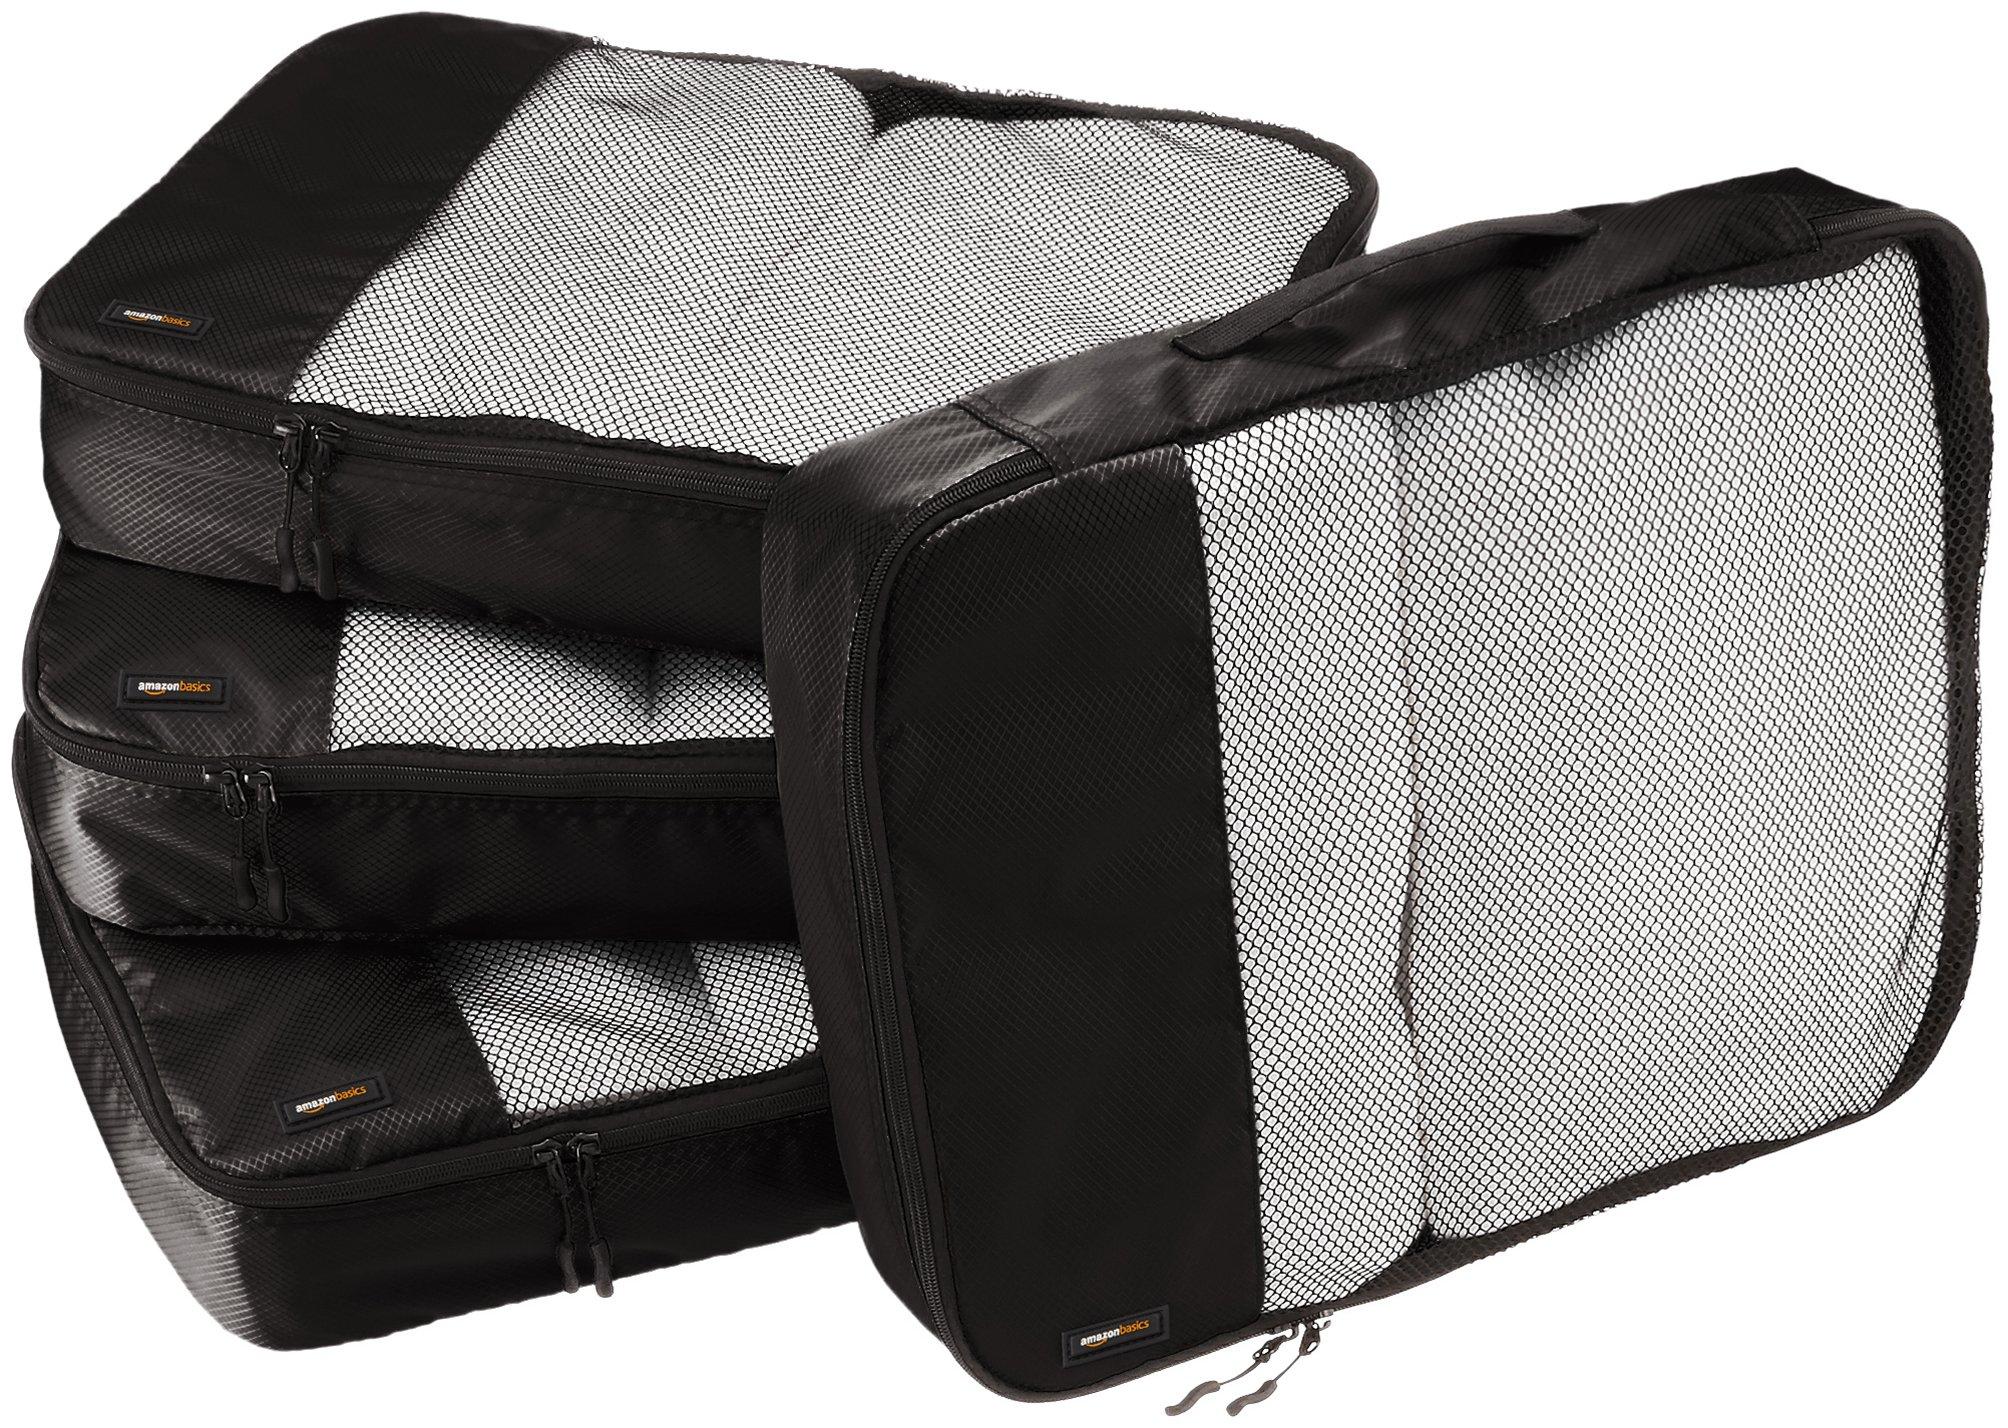 AmazonBasics 4 Piece Packing Travel Organizer Cubes Set - Large, Black by AmazonBasics